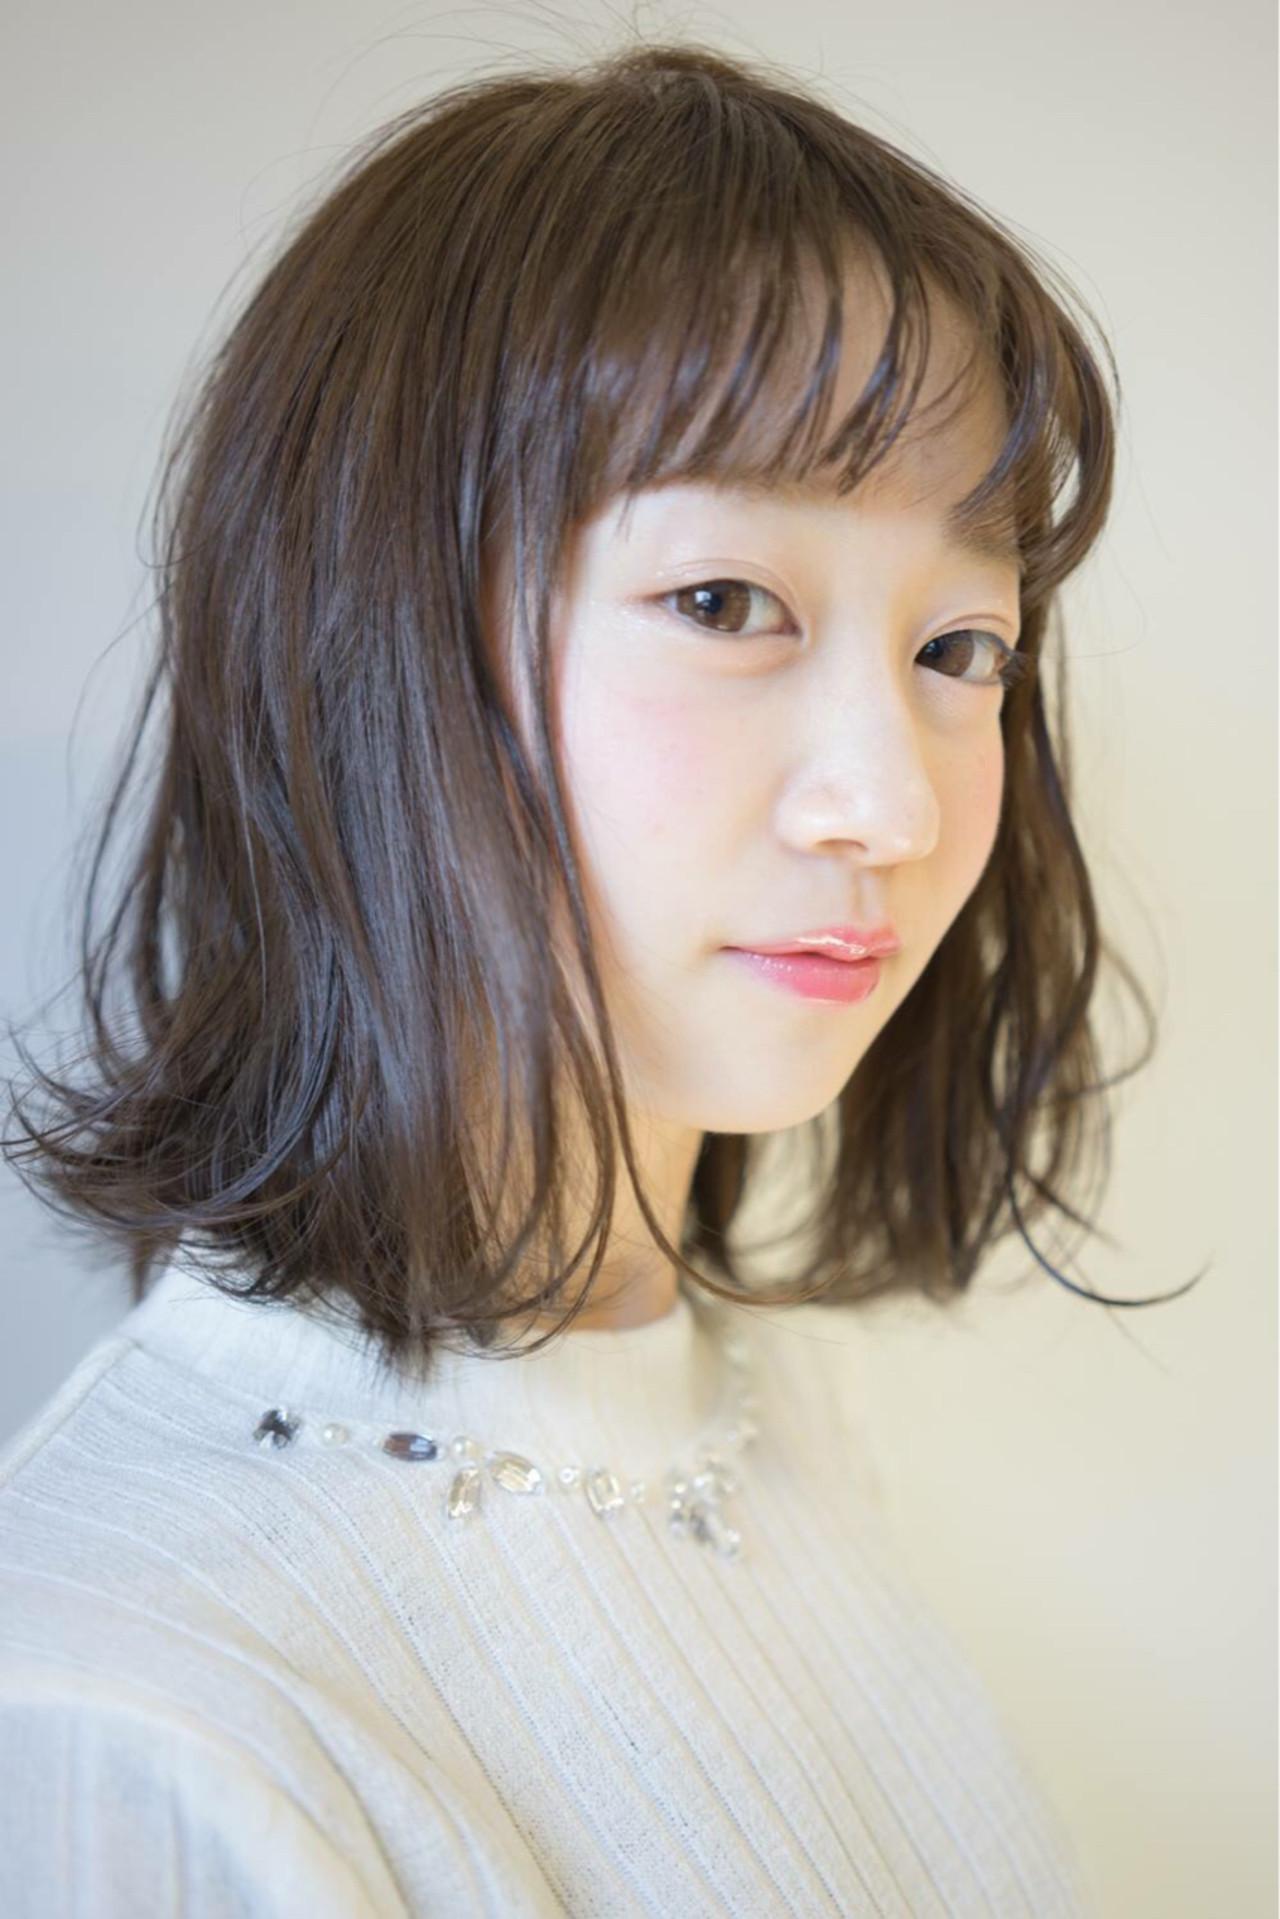 あなたに似合う前髪見つかった?オトナかわいいオシャレ前髪スタイル集♡ 桝田 由佳  vicus hair